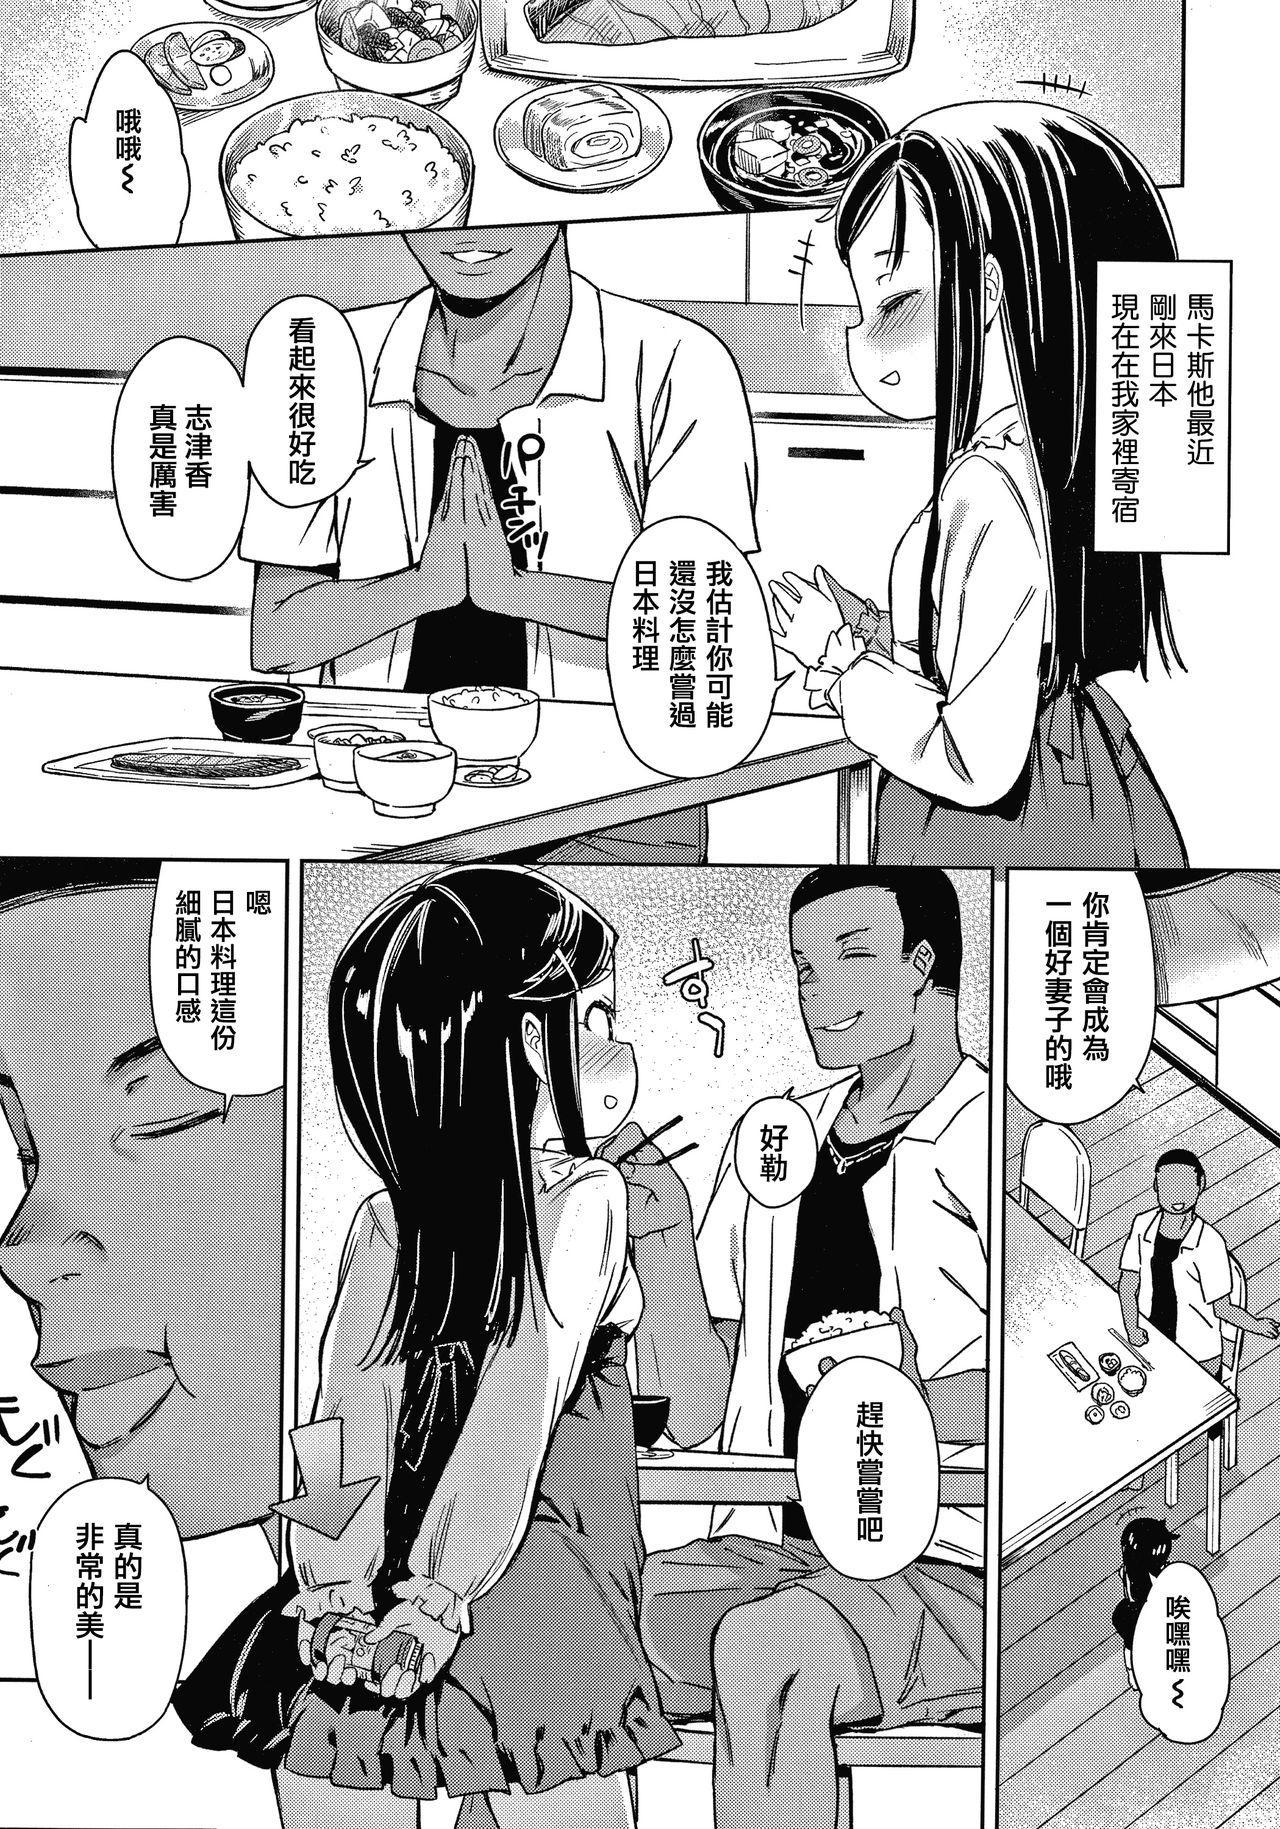 Tsugou ga Yokute Kawaii Mesu. 127